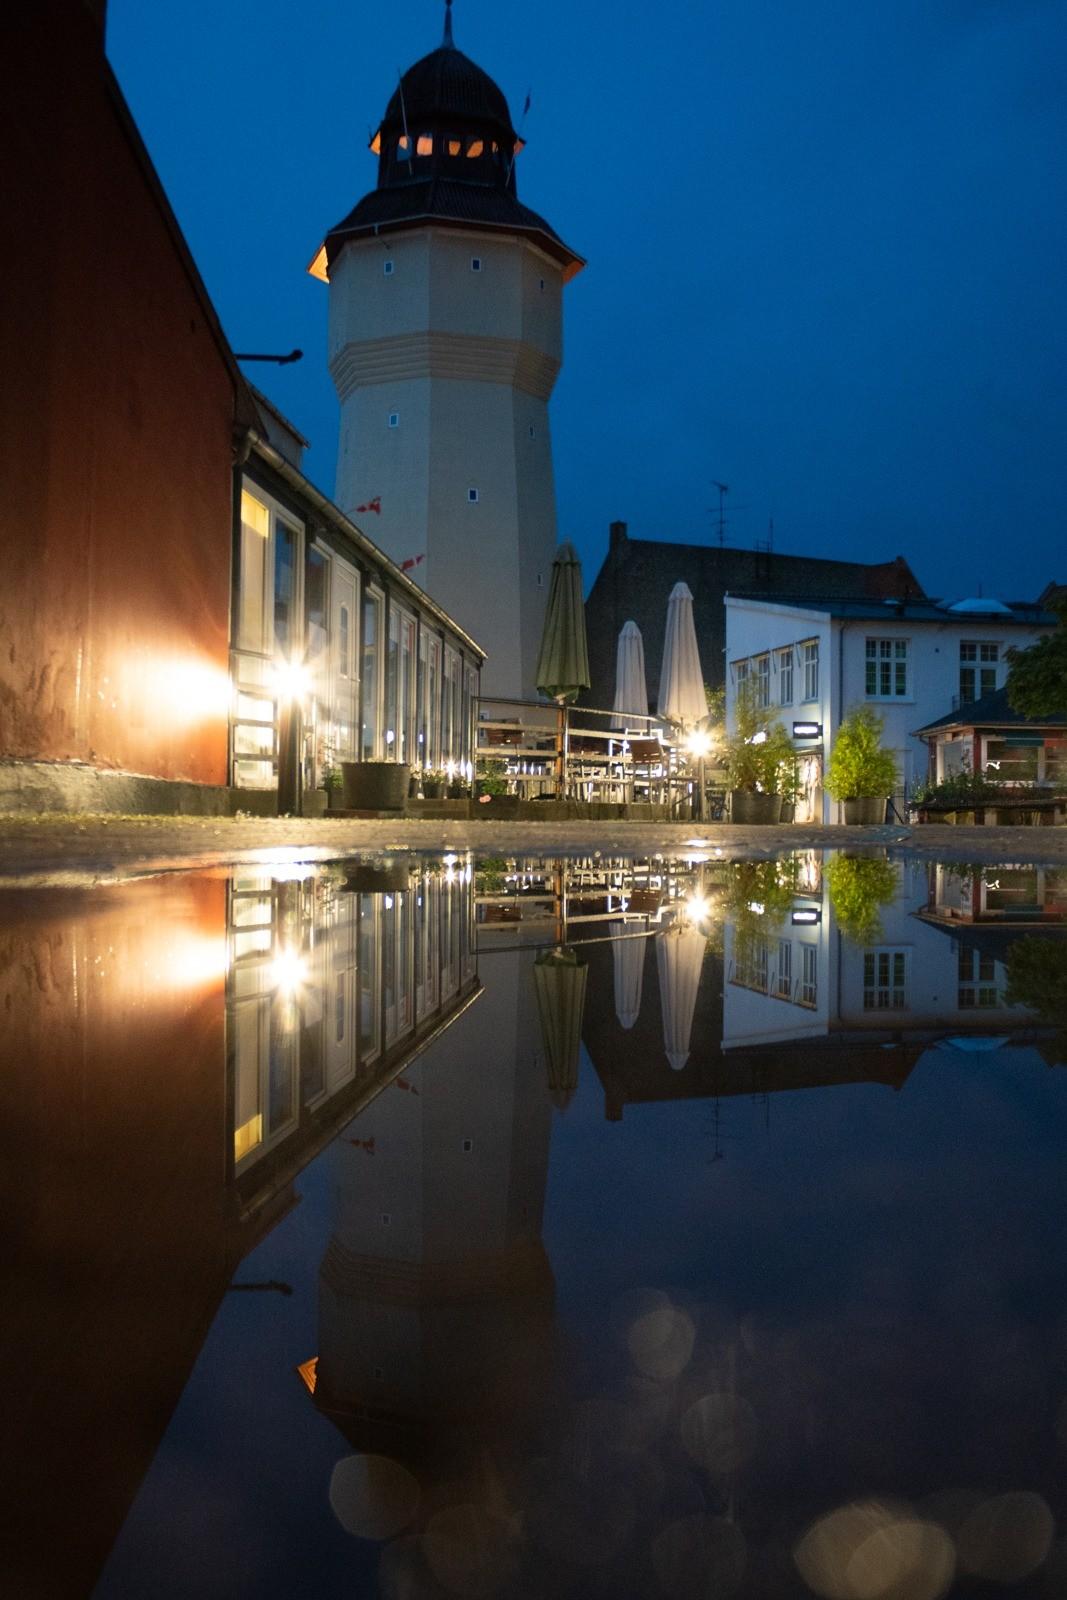 Spejling af tårn i vandpyt, Nykøbing Falster - taget med Lomography Neptune objektiv